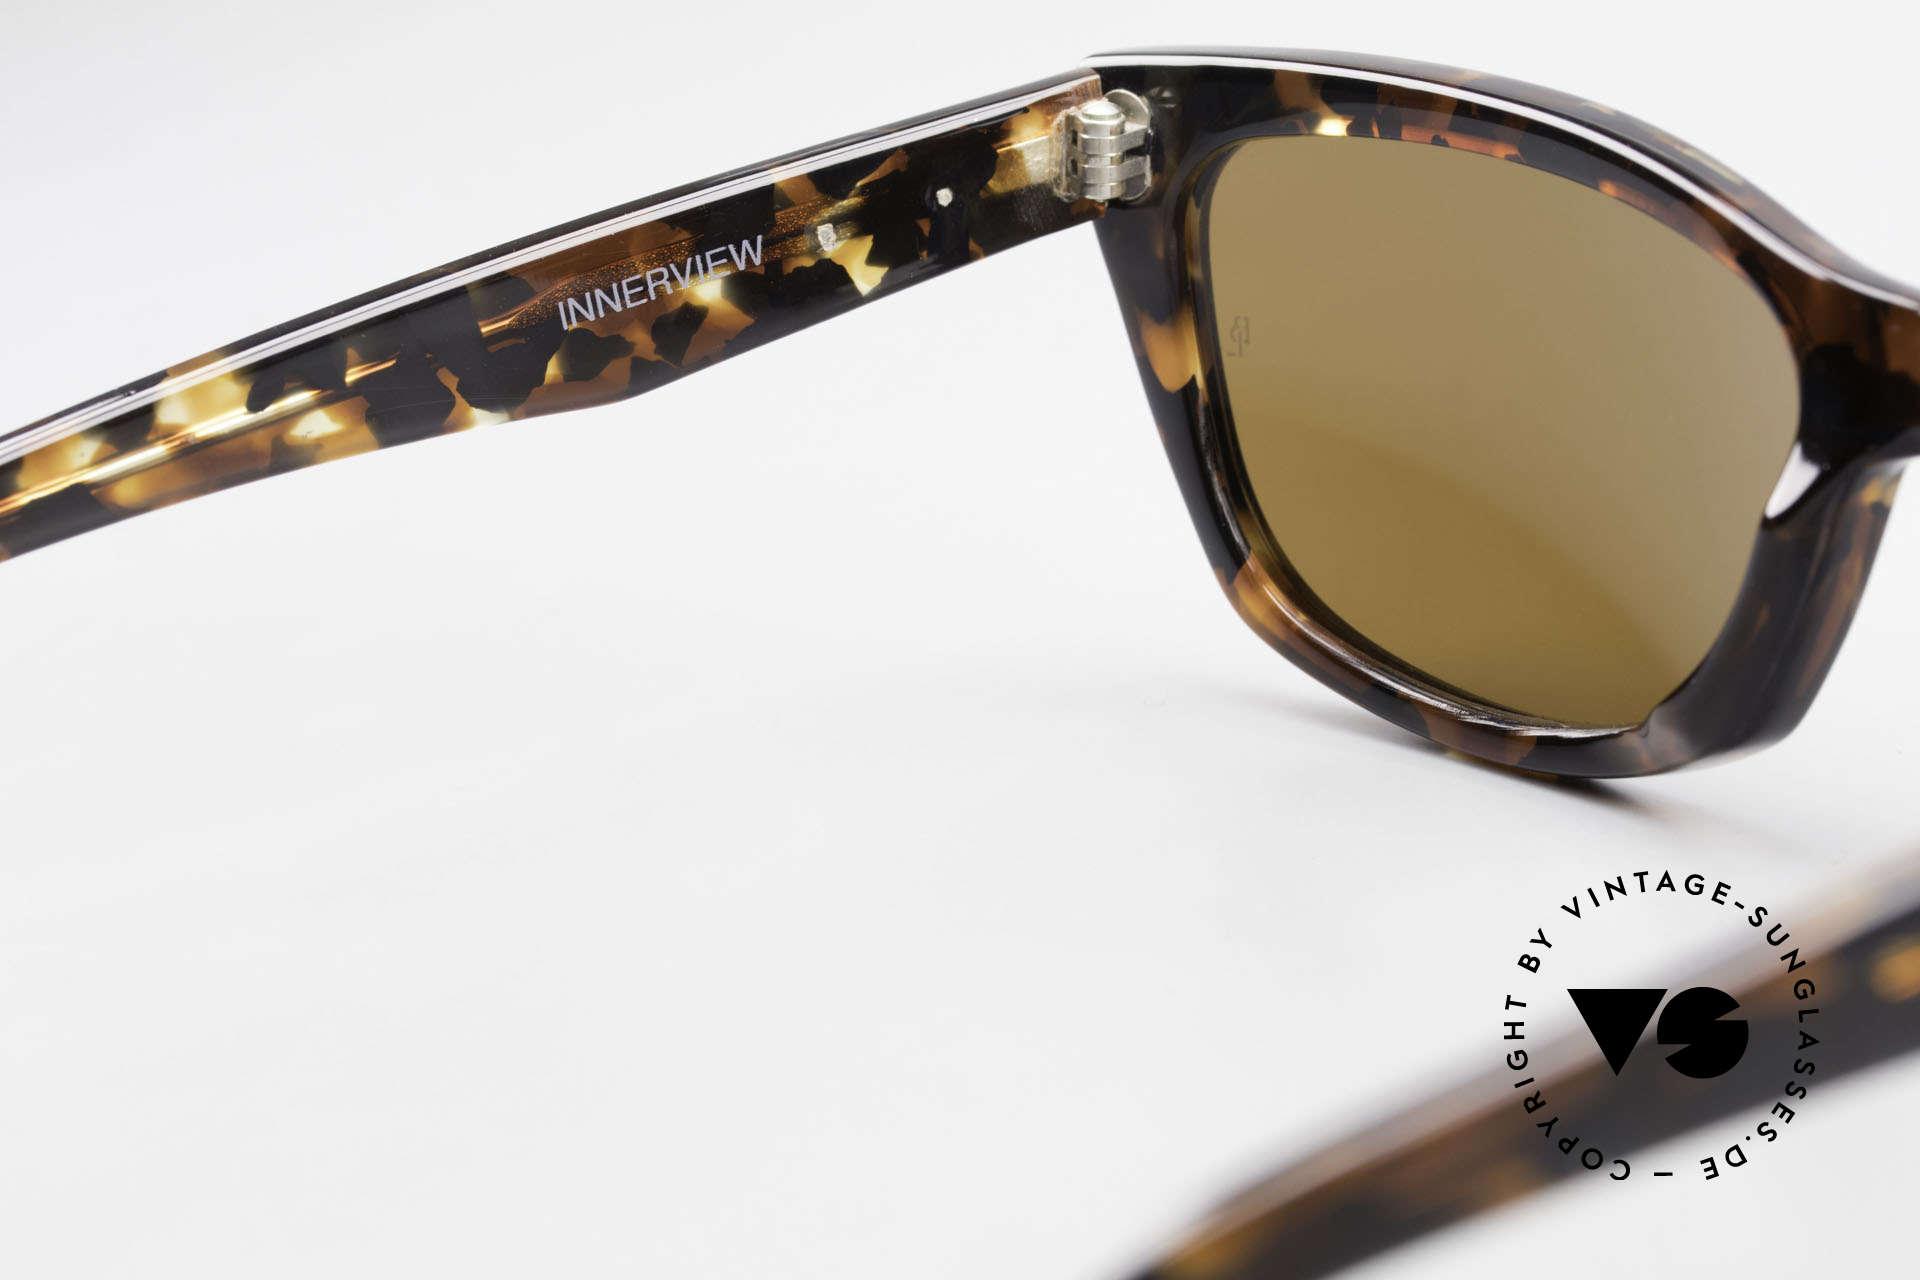 Ray Ban Innerview Alte B&L USA Sonnenbrille, Größe: medium, Passend für Damen